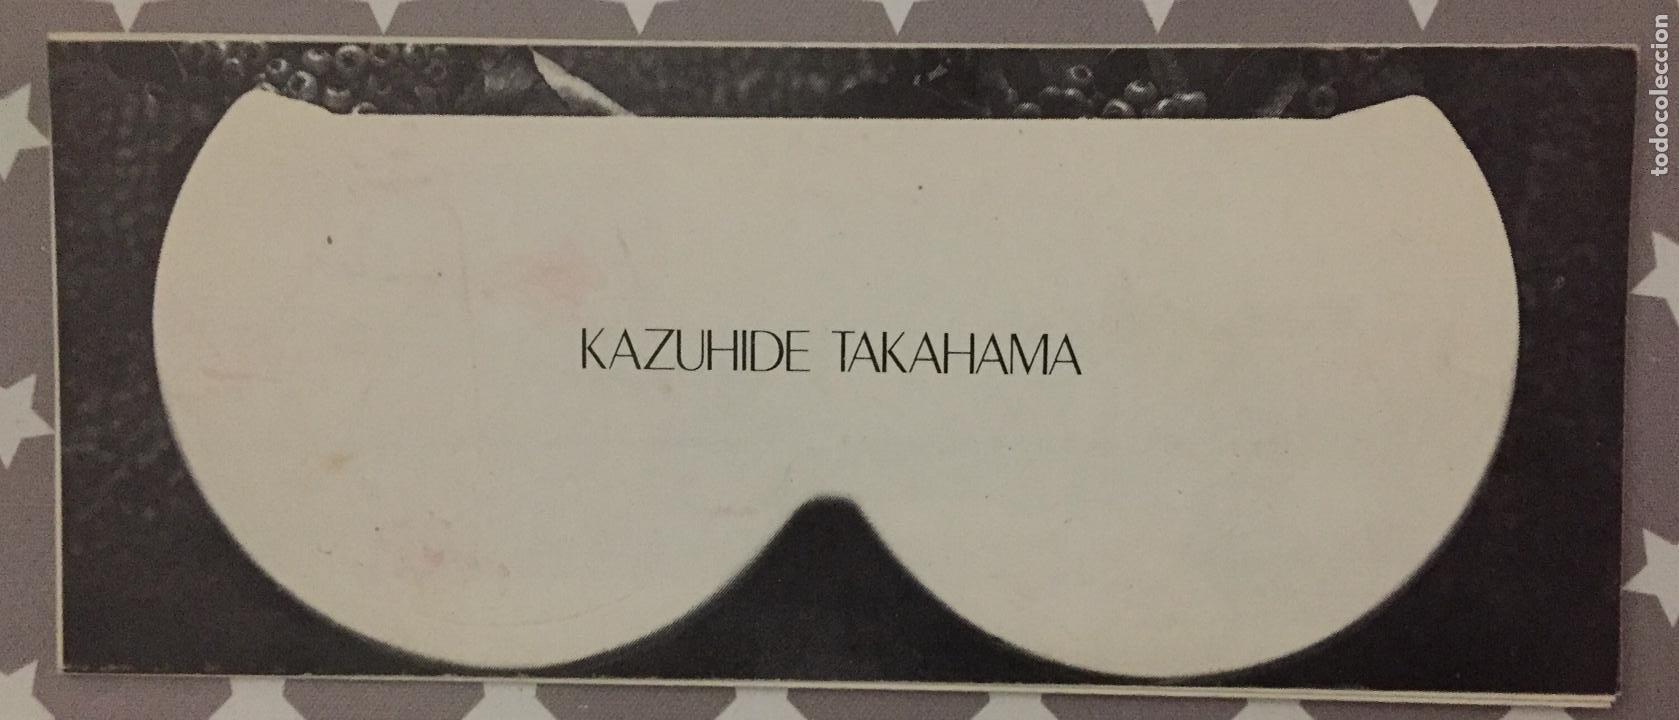 KAZUHIDE TAKAHAMA CATALOGO EXPOSICION EL MUNDO DE TAKAHAMA (Libros de Segunda Mano - Bellas artes, ocio y coleccionismo - Diseño y Fotografía)